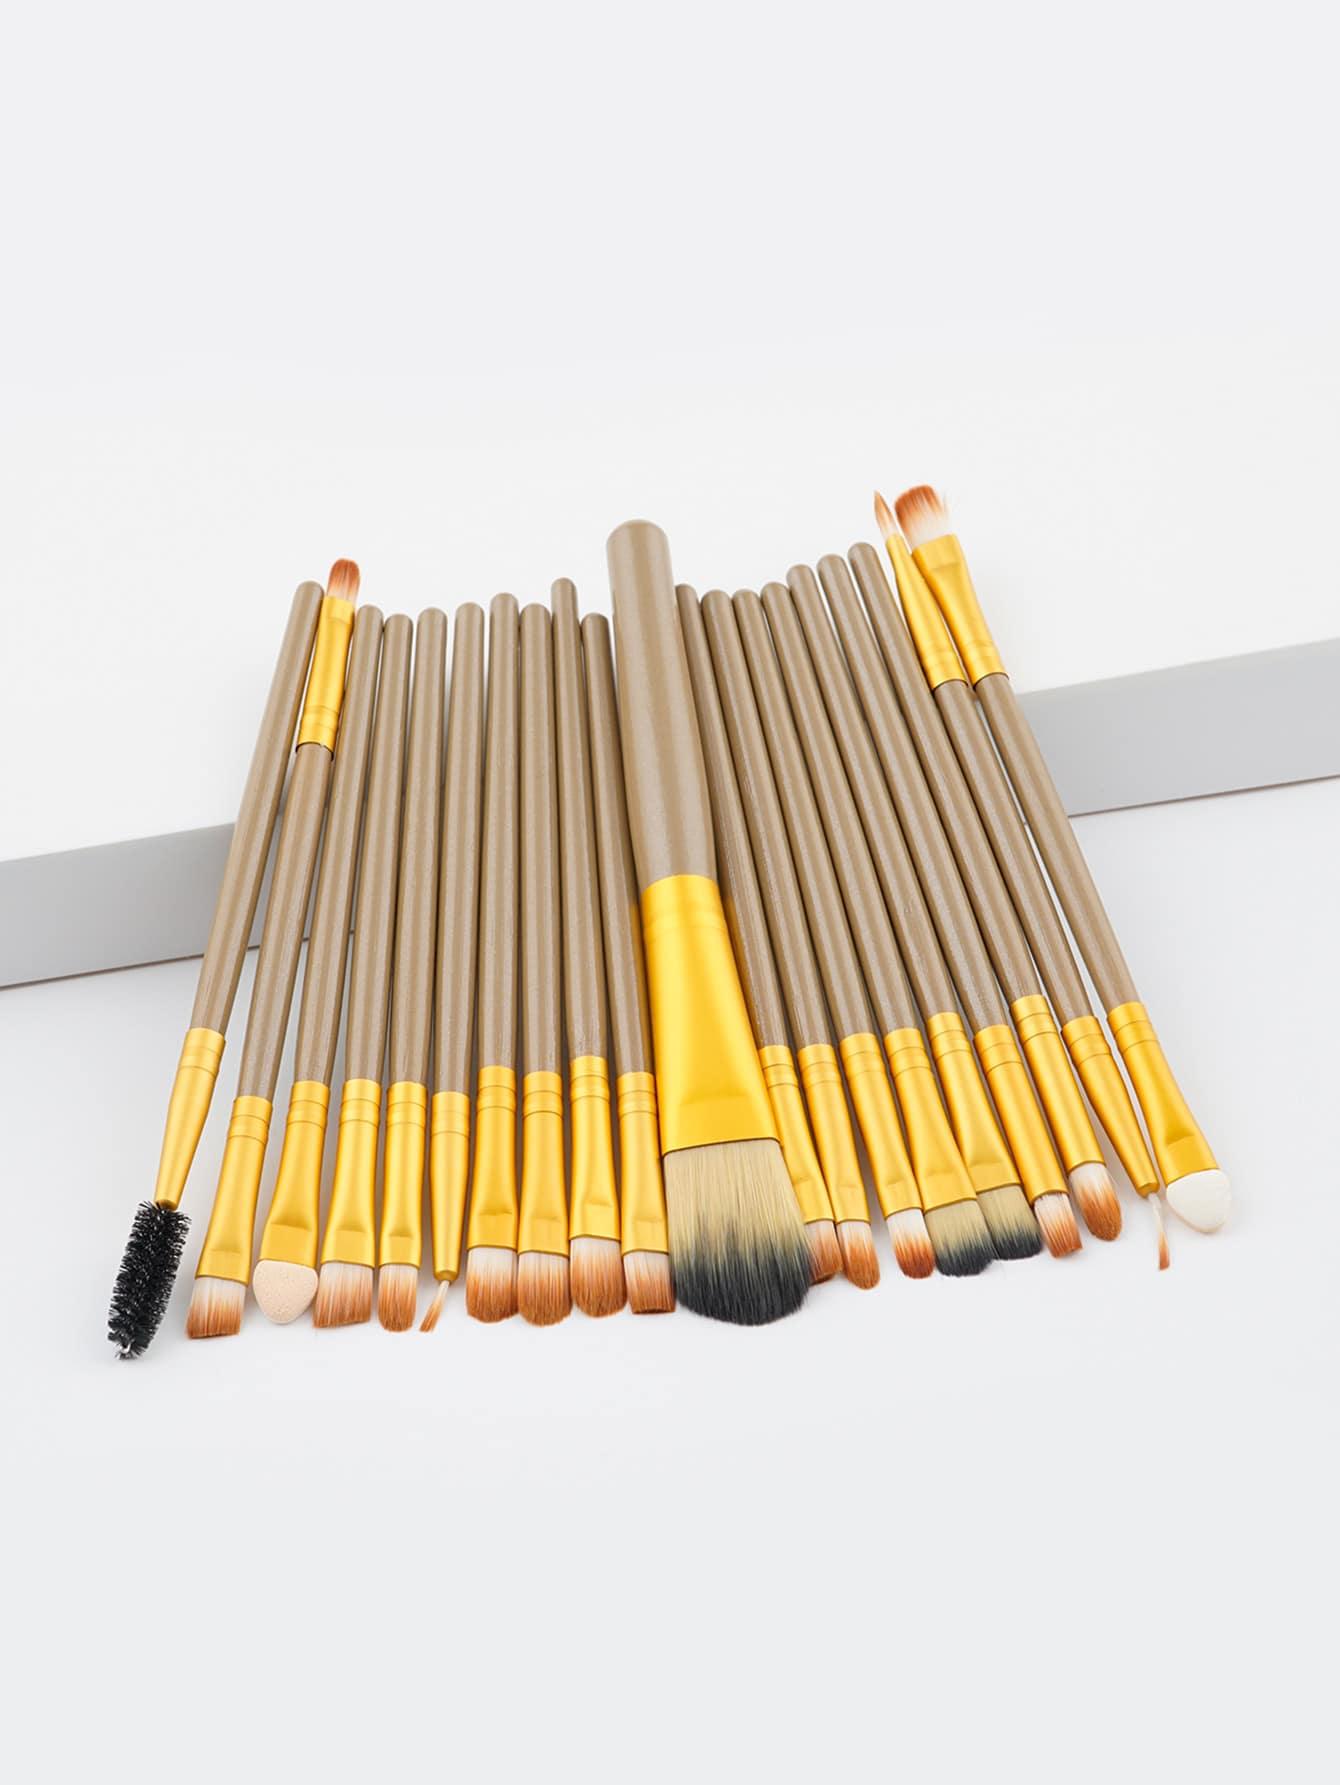 Professional Makeup Brush set 20pcs